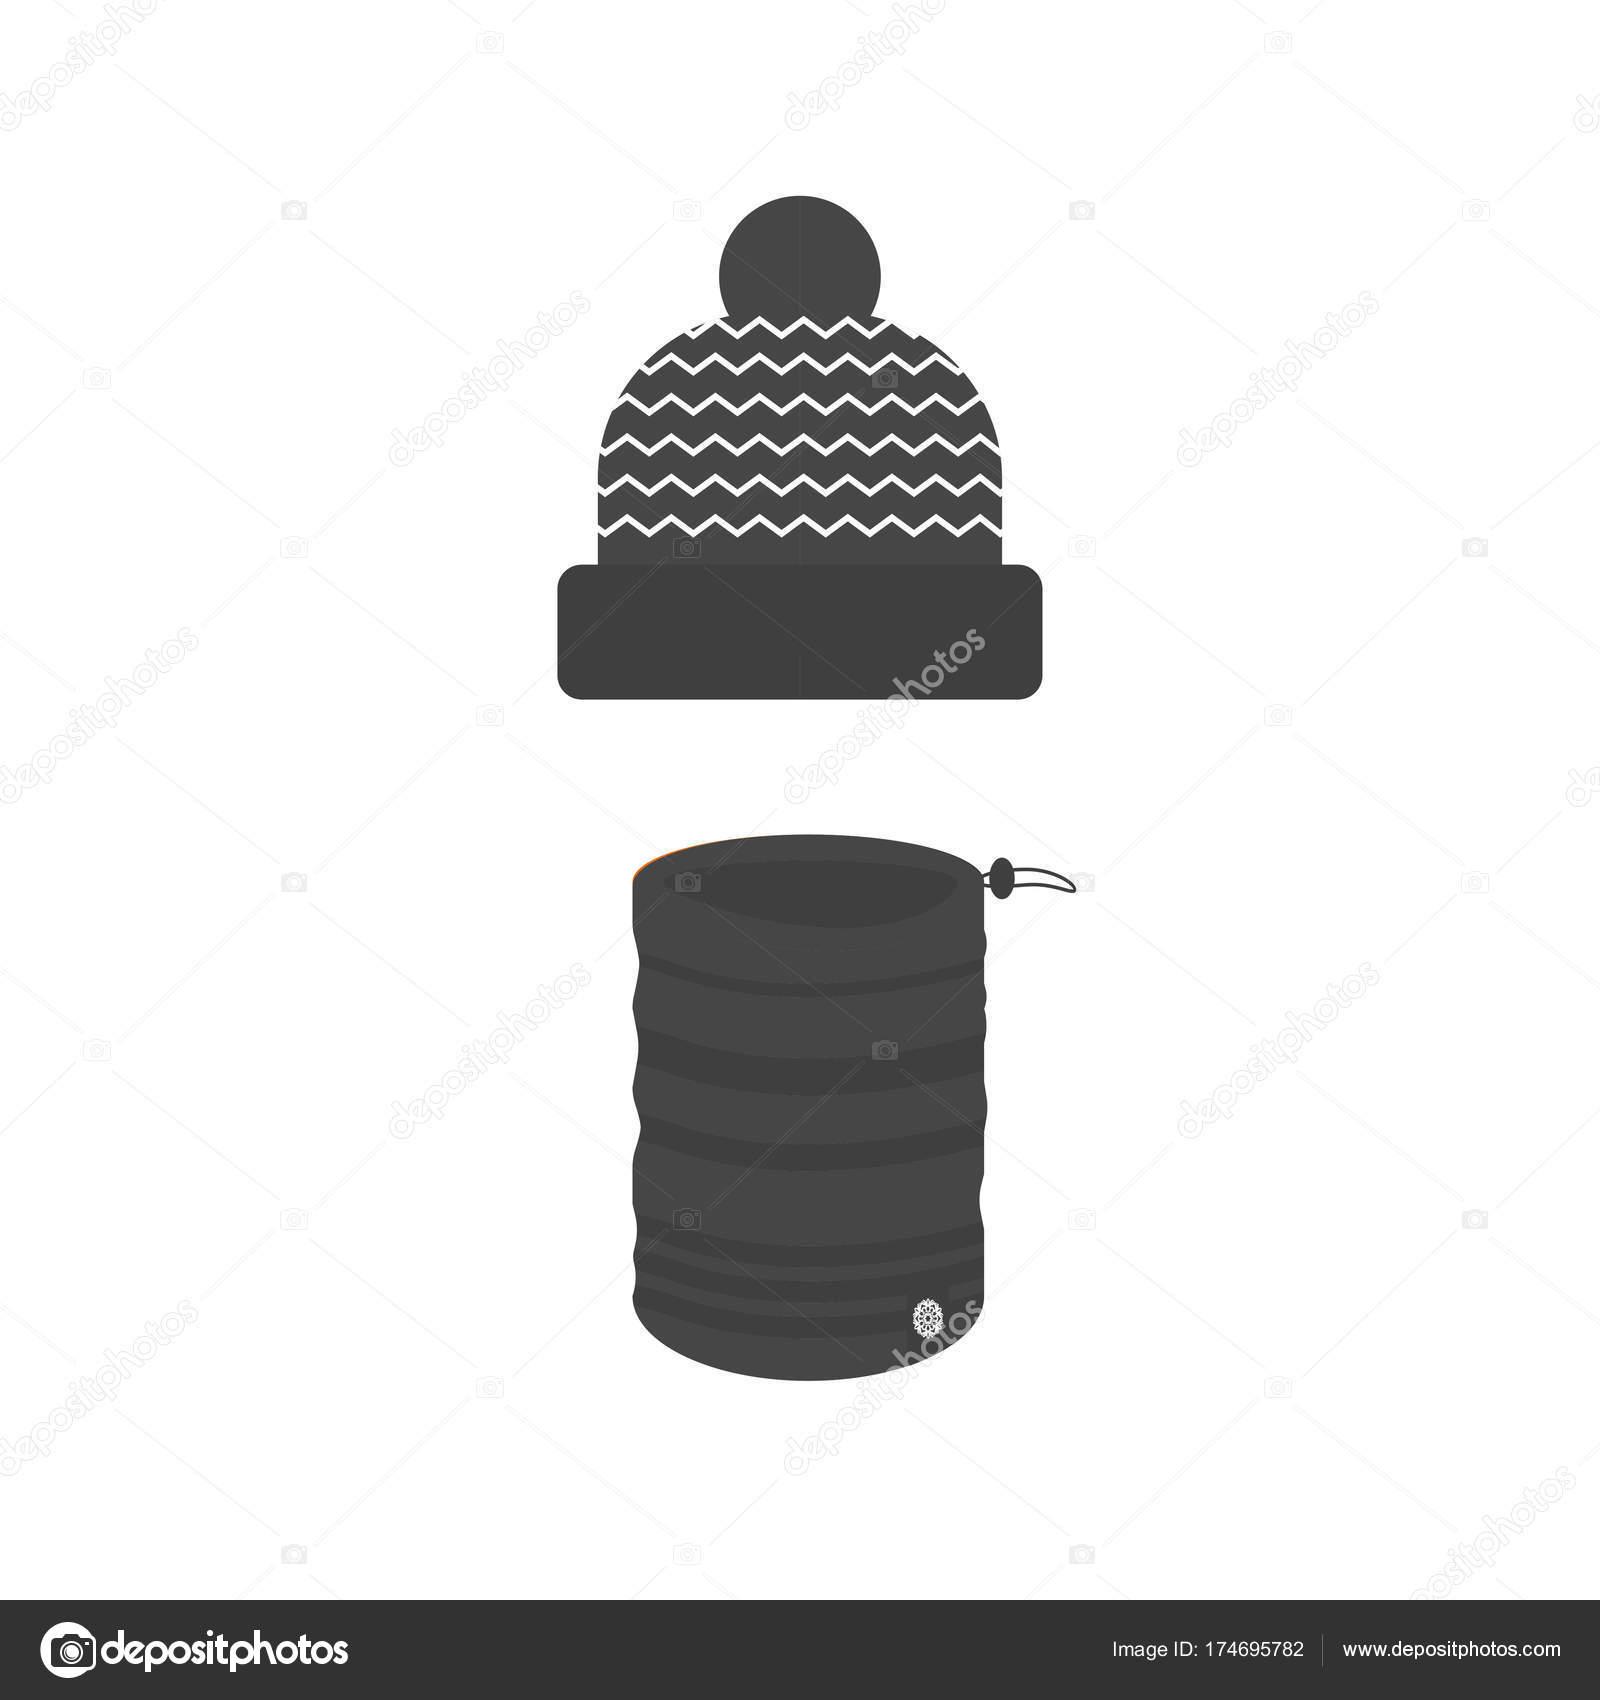 0f6db1969 Coleção de ícones do esporte inverno com cachecol e chapéu. Esqui e  snowboard conjunto acessórios isolados no fundo branco no design de estilo  simples.